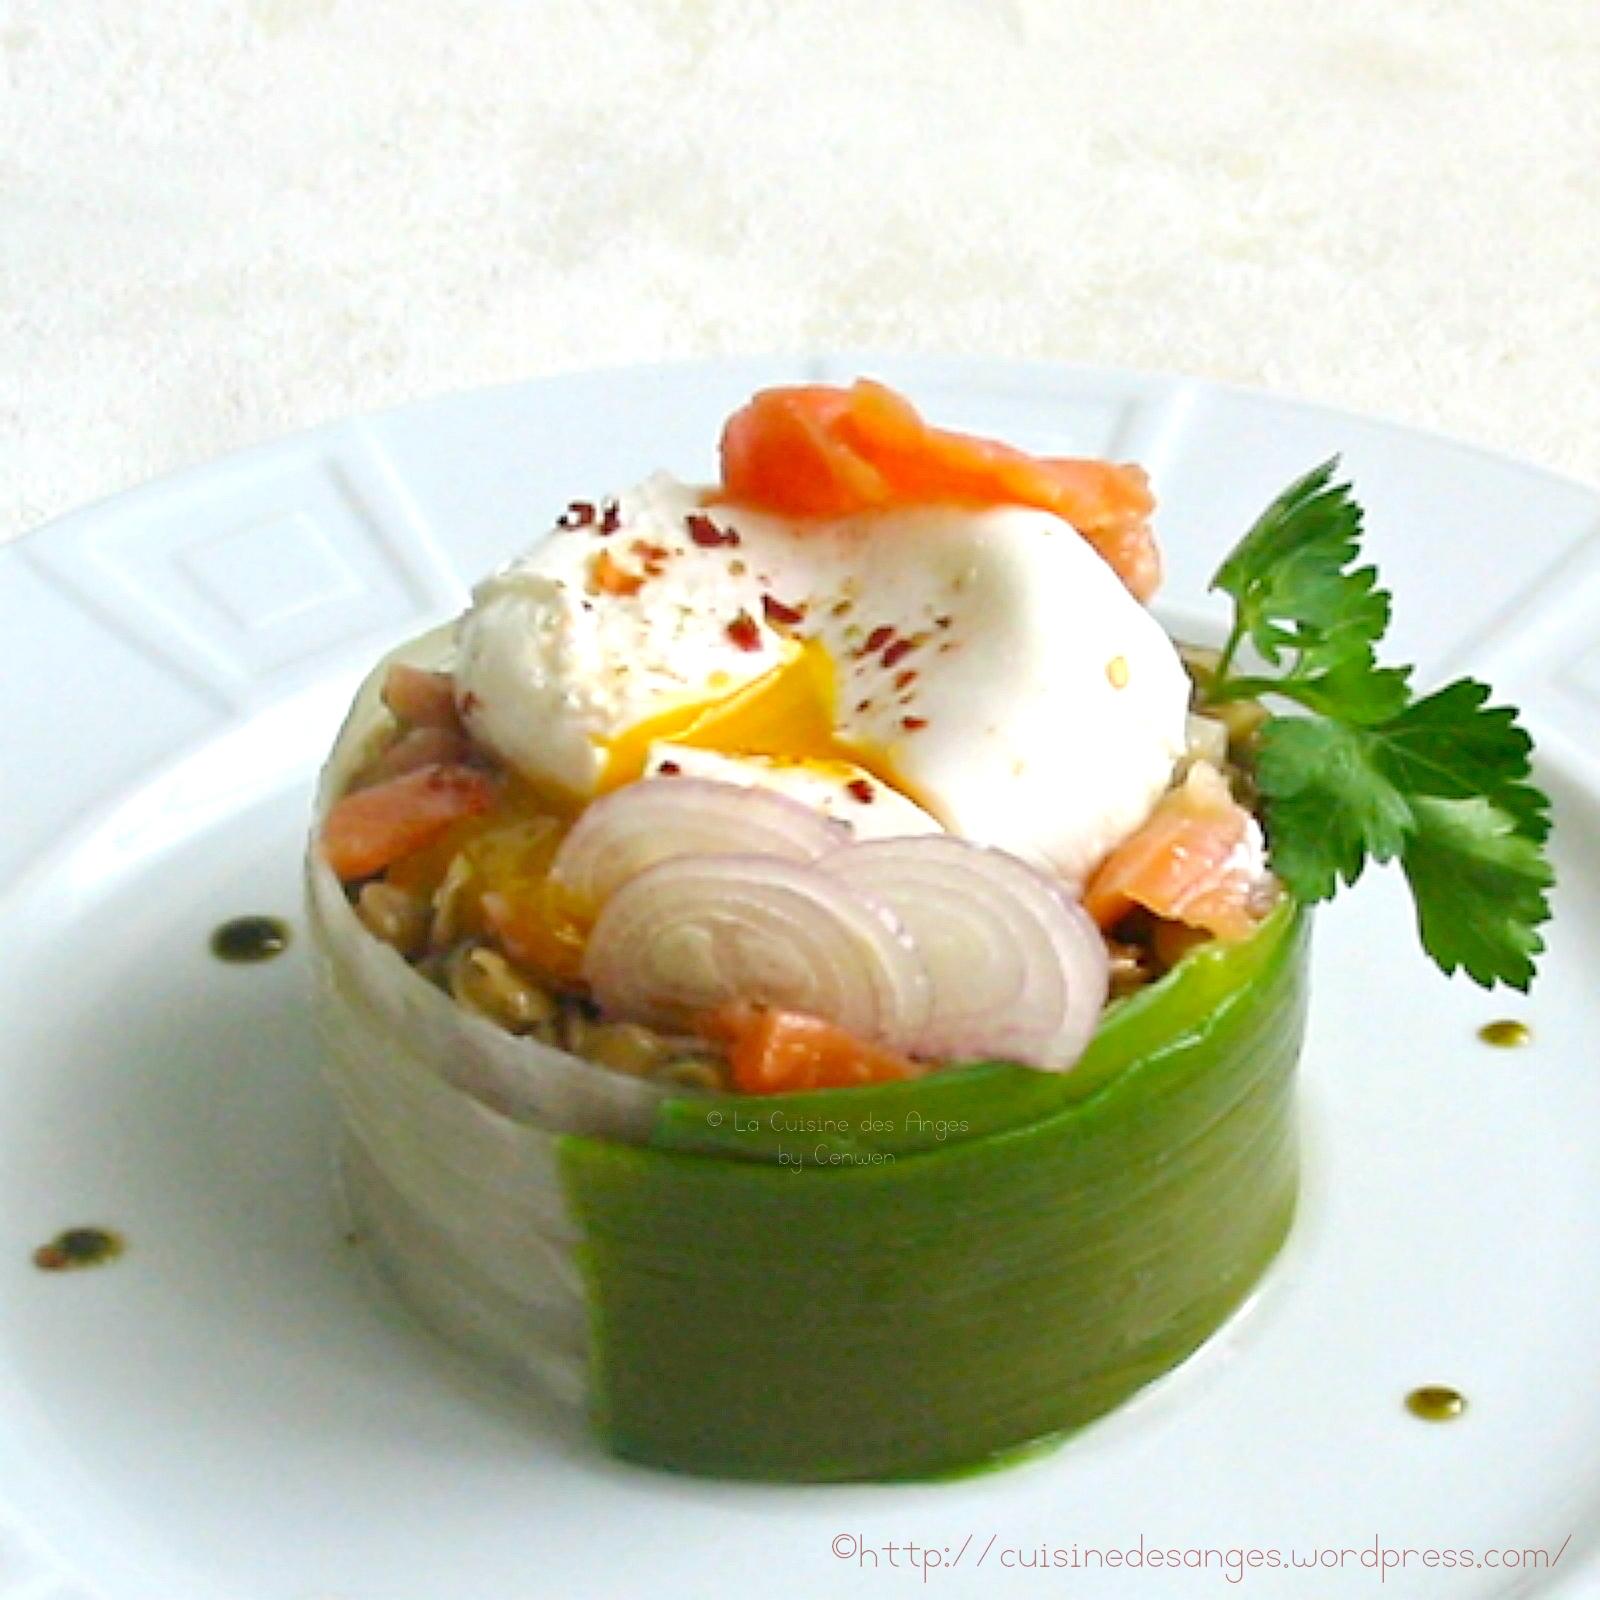 salade de lentilles au saumon fum et oeuf poch la cuisine des anges. Black Bedroom Furniture Sets. Home Design Ideas